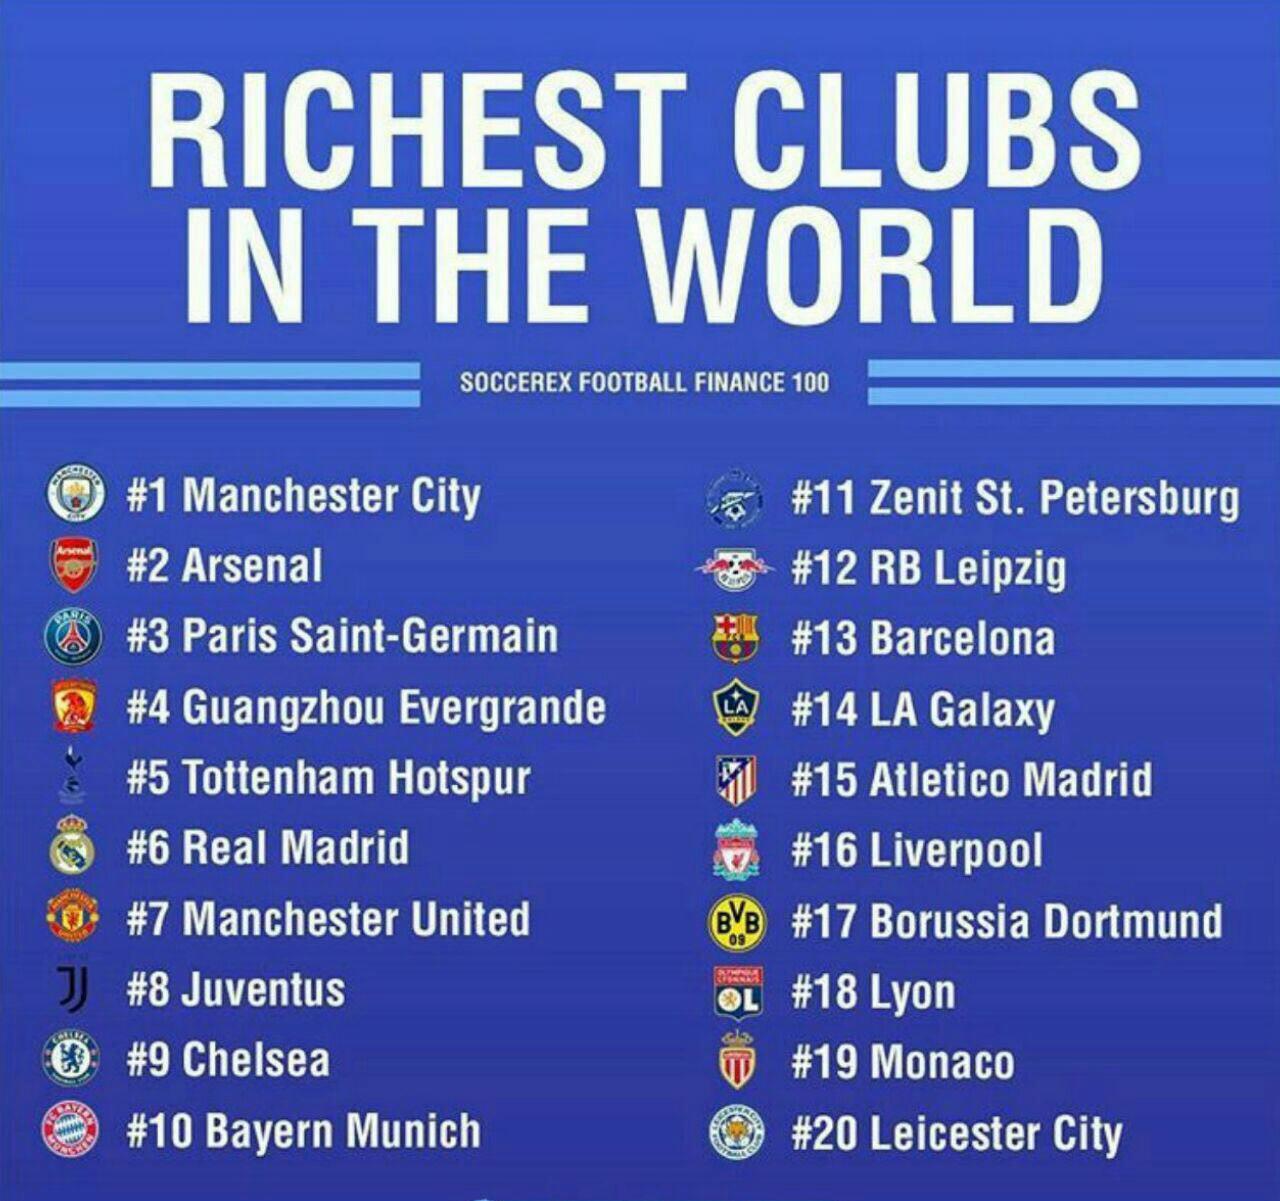 ثروتمندترین باشگاههای فوتبال جهان (عکس)